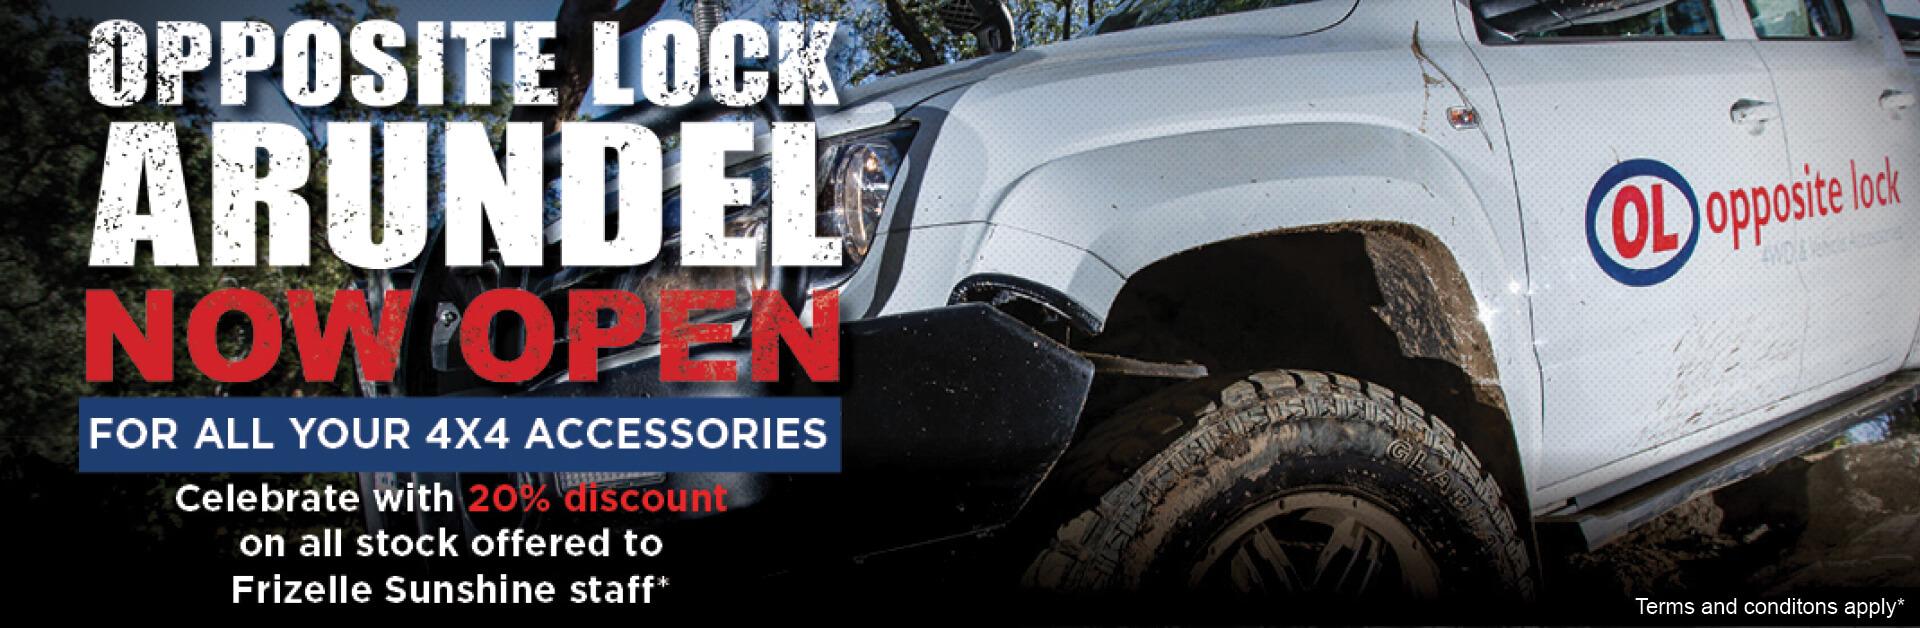 Opposite Lock 4WD Accessories now open Arundel